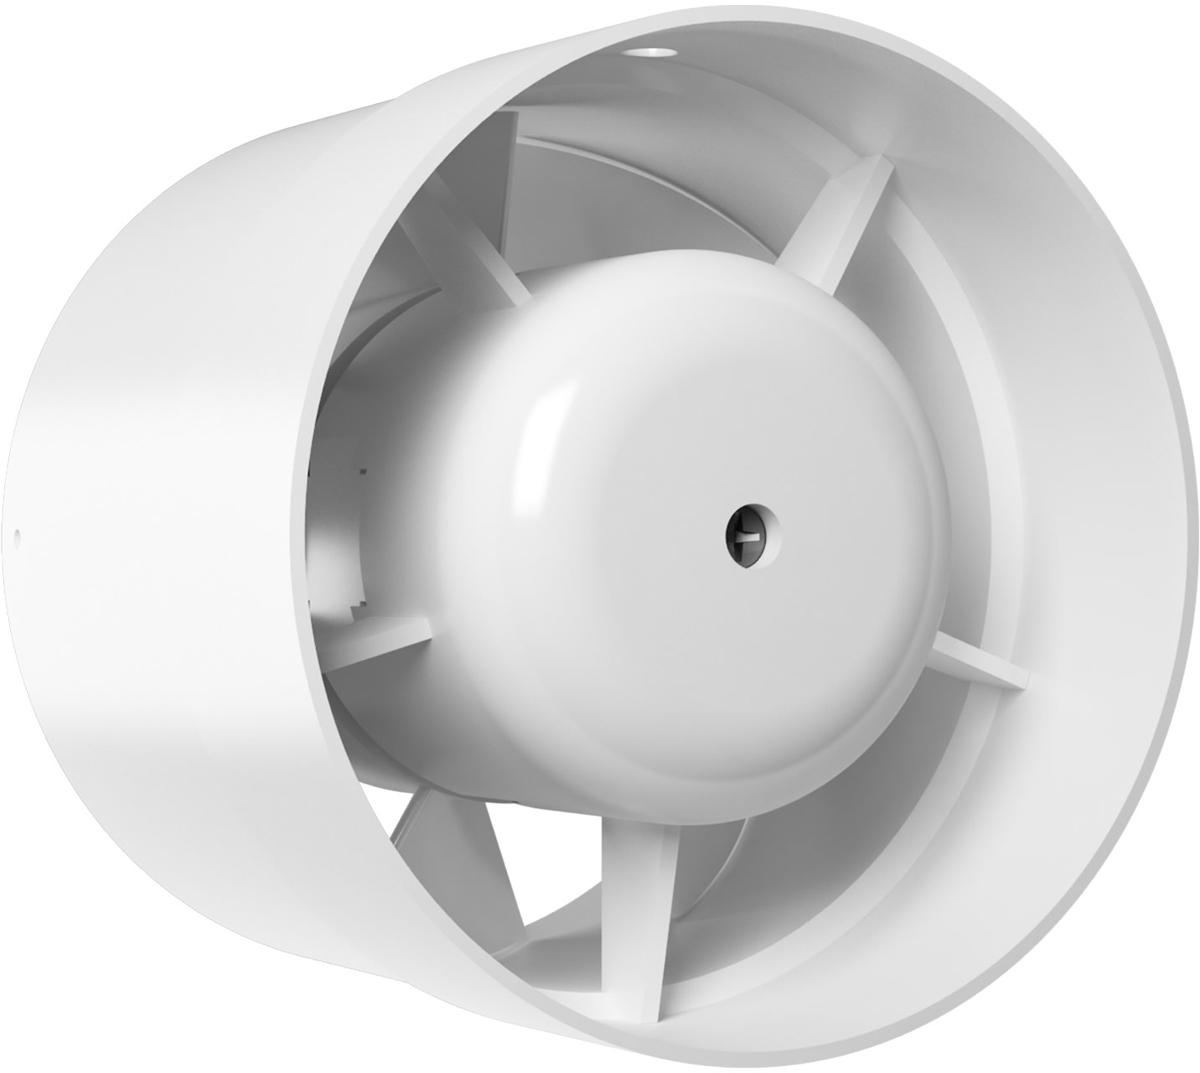 ERA Profit 4 вентилятор осевой канальный вытяжнойPROFIT 4Вентилятор серии PROFIT с диаметром фланца 100мм. PROFIT - канальные вентиляторы которые имеют стандартную систему крепления. Элементы крепления не входят в комплект вентилятора. Современные двигатели с увеличенным сроком службы (до 40 000 рабочих часов), защитой от перегрева Классического белого цвета.